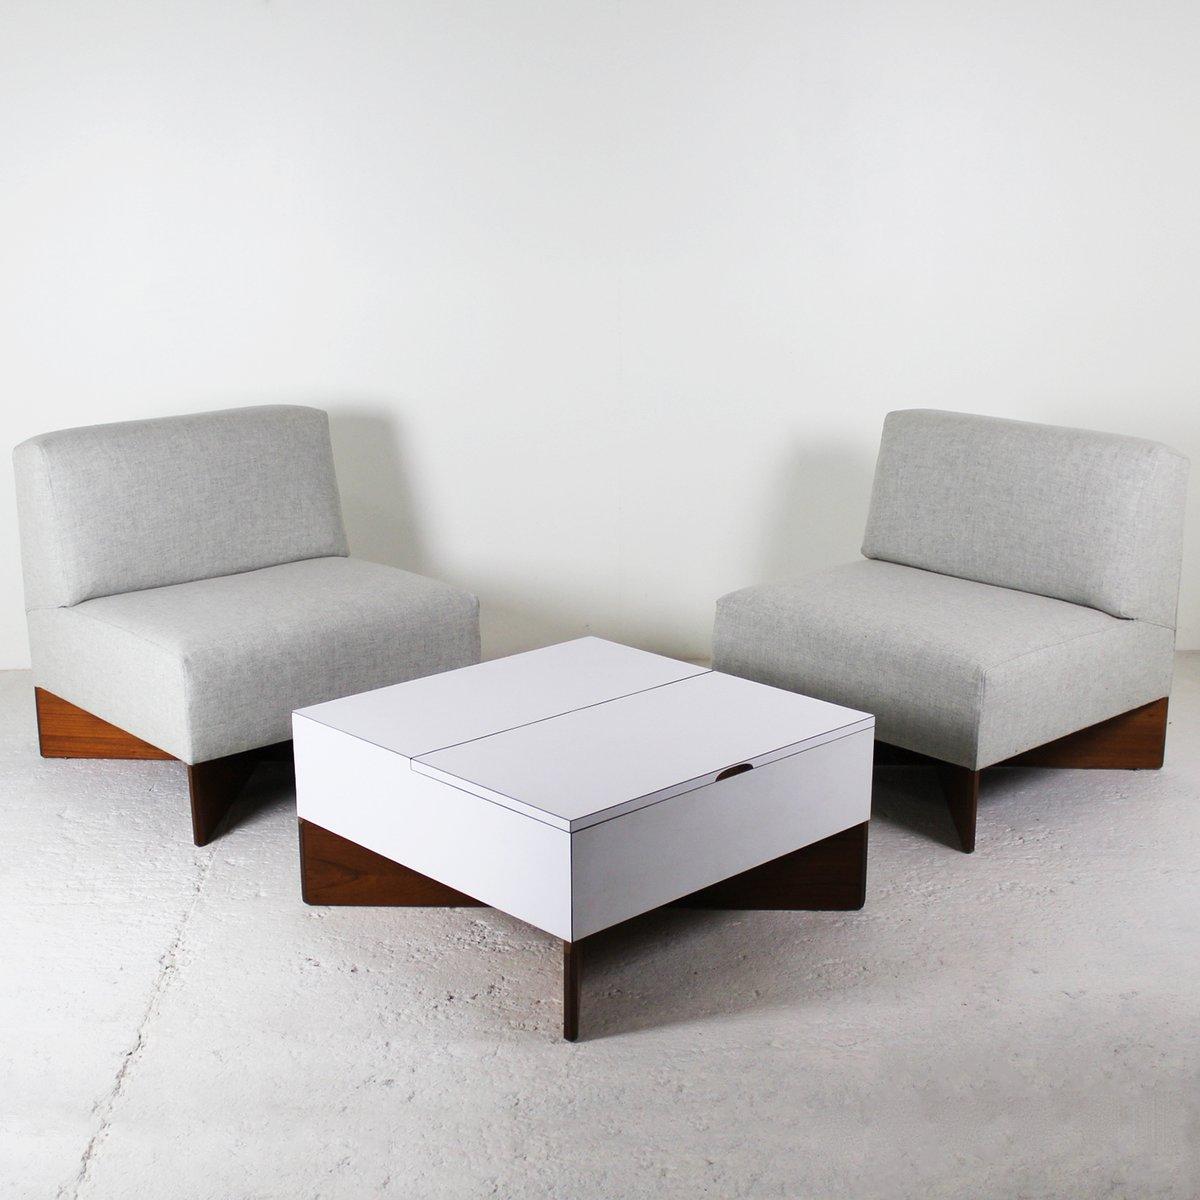 CA21 Capitole Sessel & Aquilon Couchtisch von Pierre Guariche für Huch...